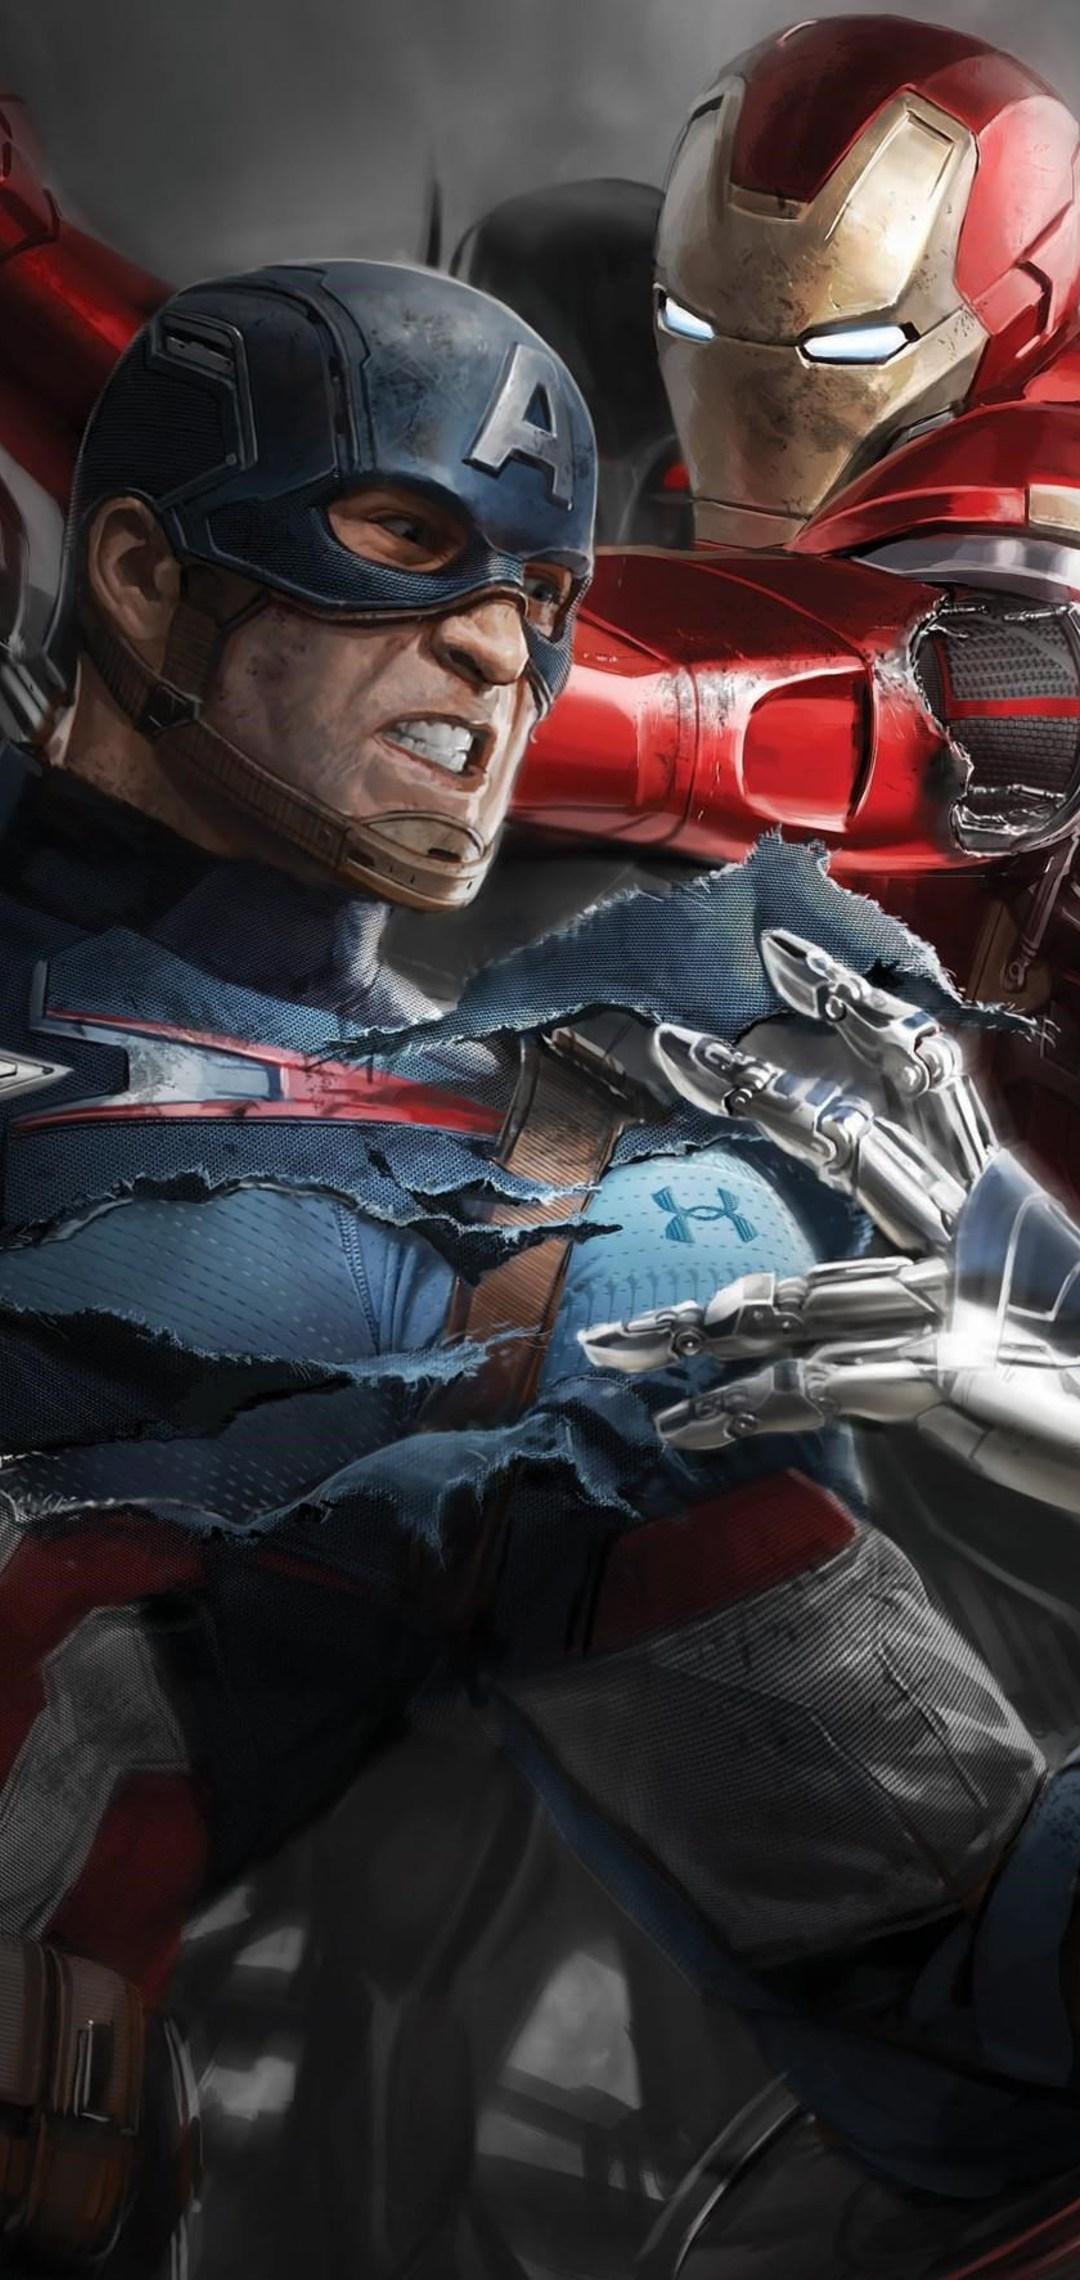 Скачать картинку Железный человек и Капитан Америка (битва ...